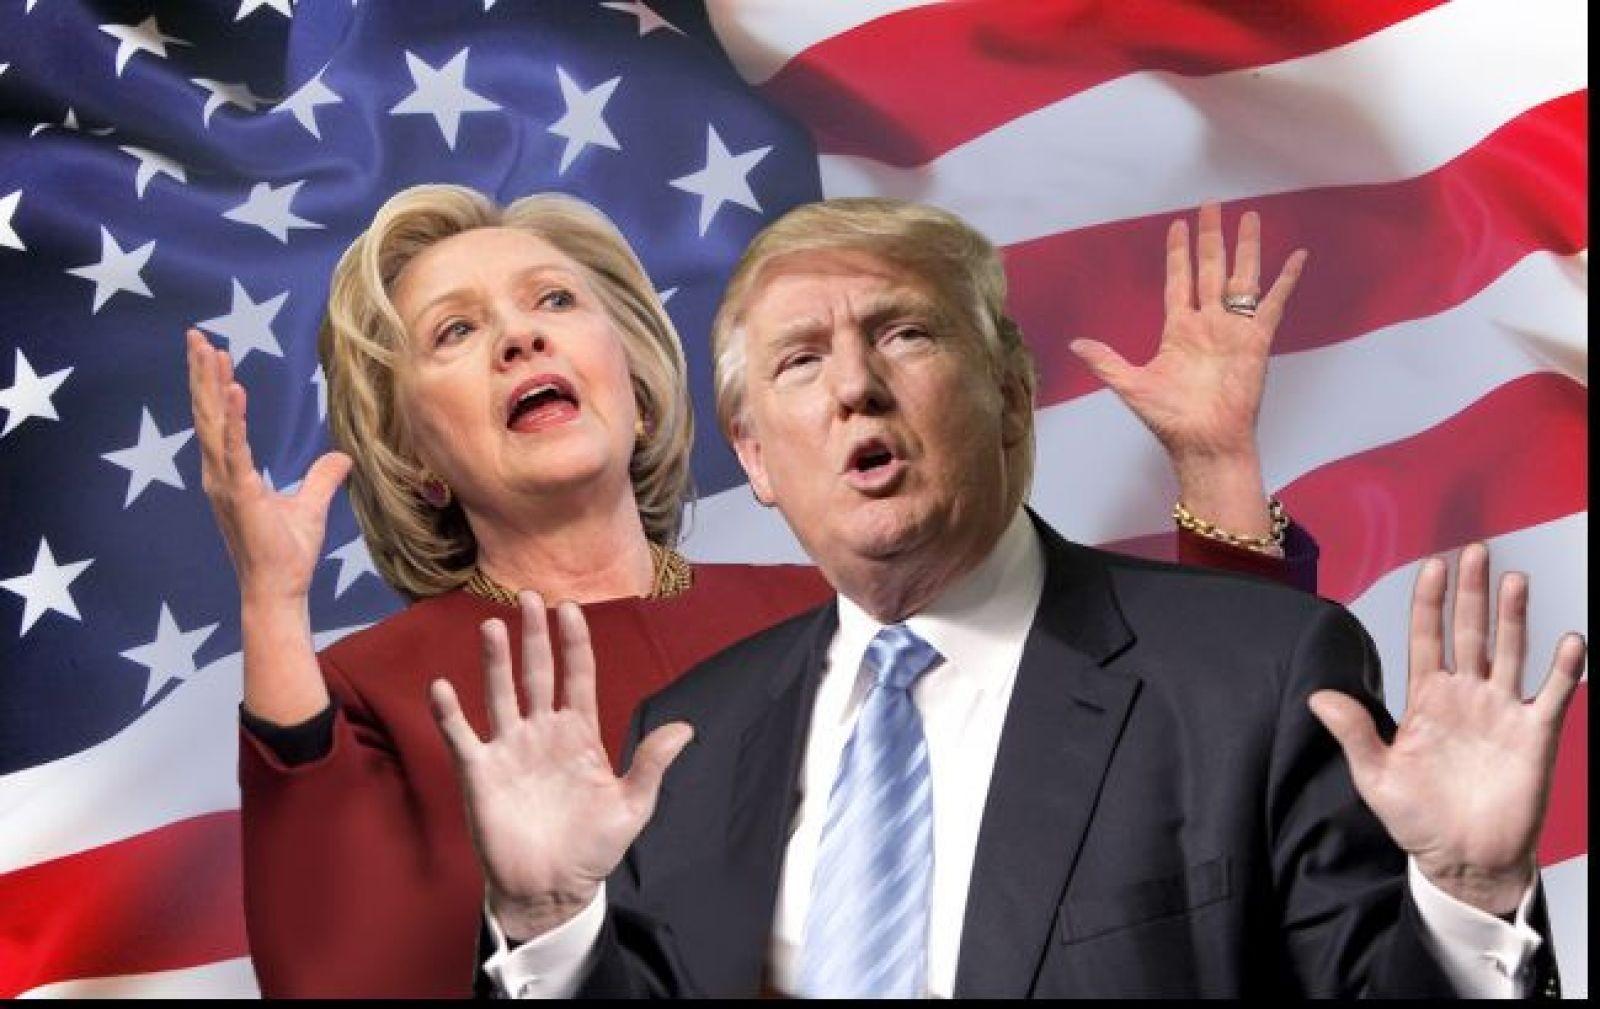 ЗаКлинтон проголосовали на3 млн. человек больше, чем заТрампа